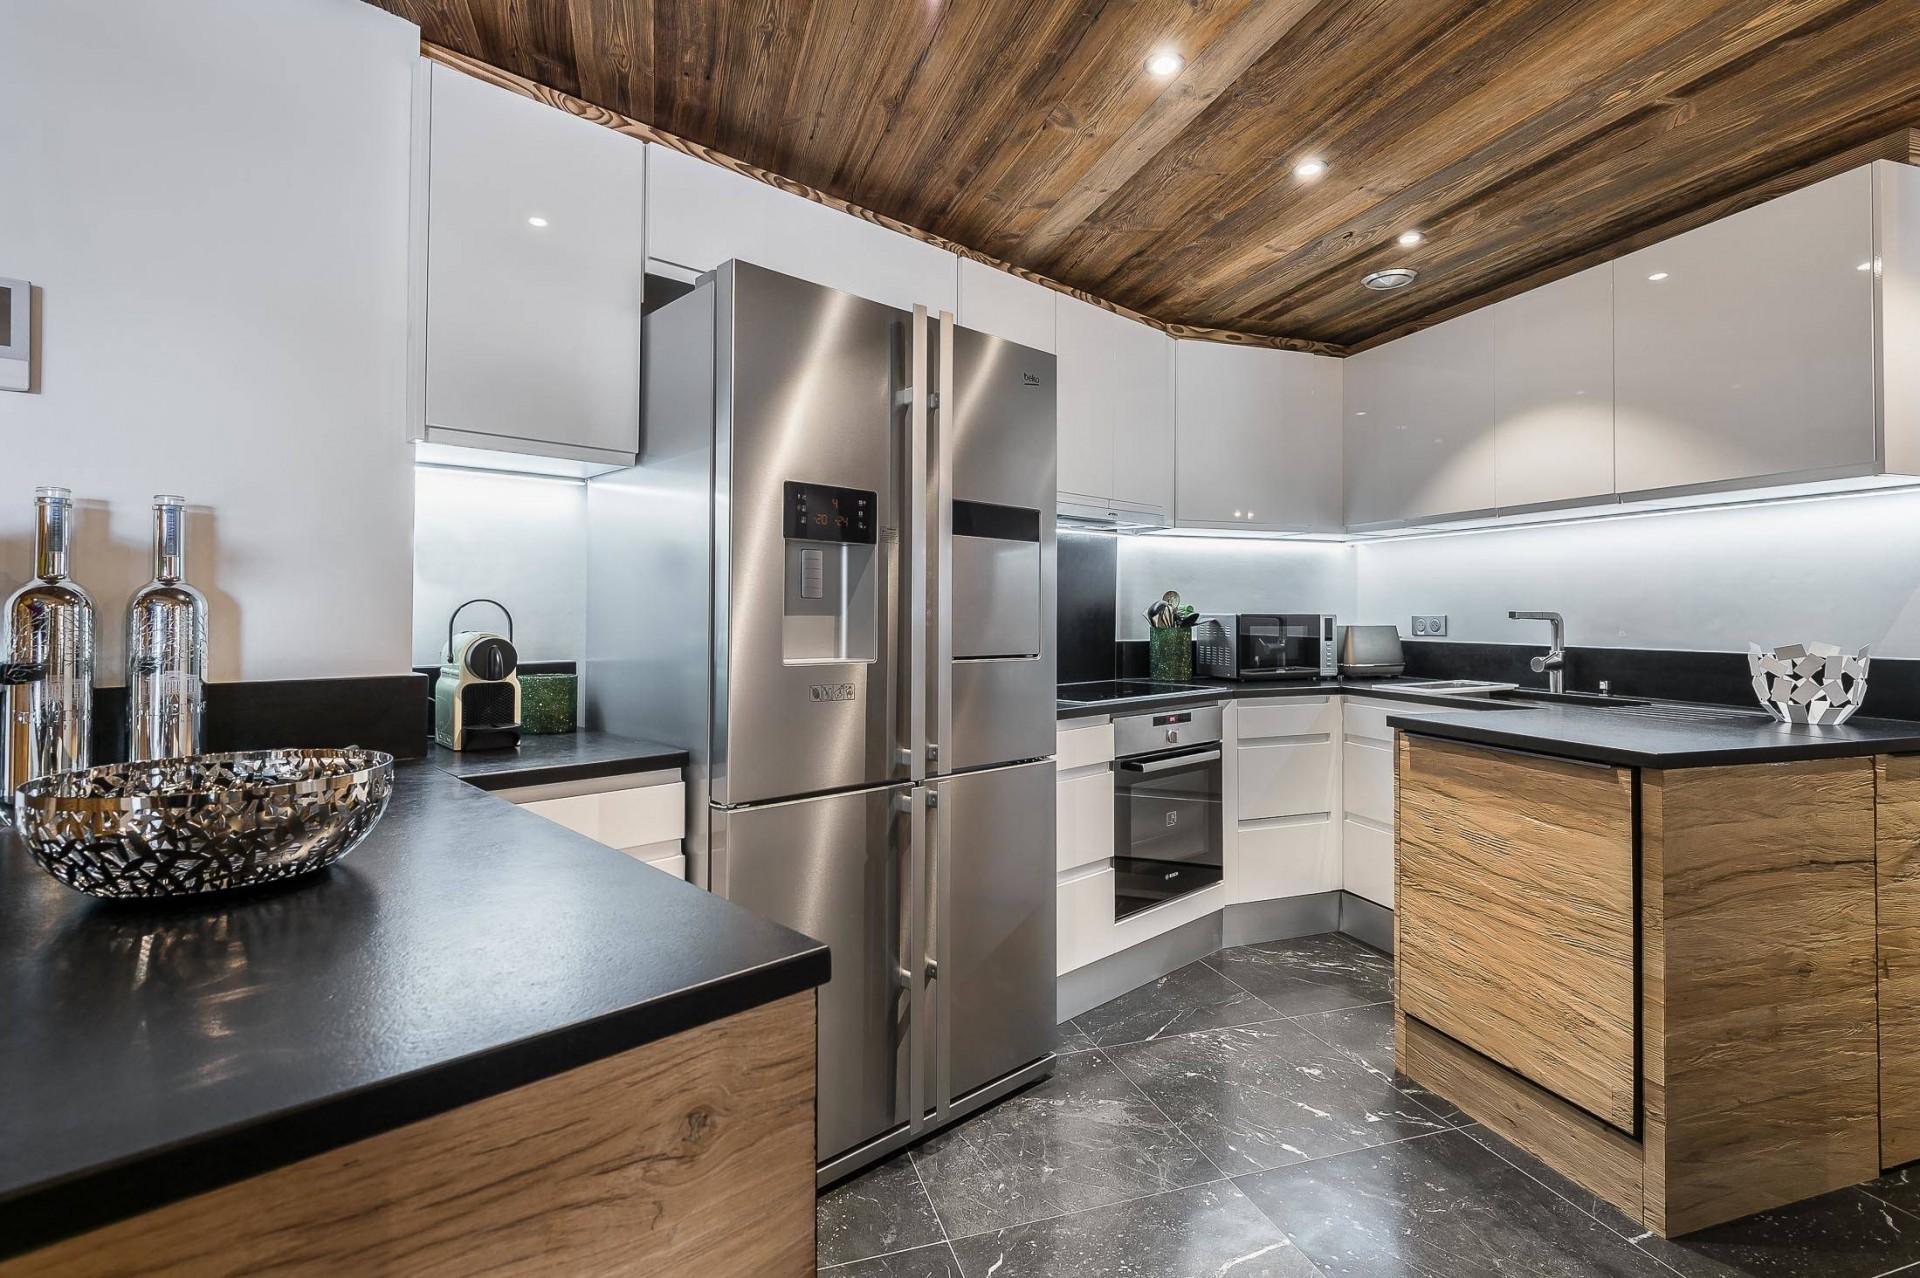 Val d'Isère Location Appartement Luxe Ucelite Cuisine